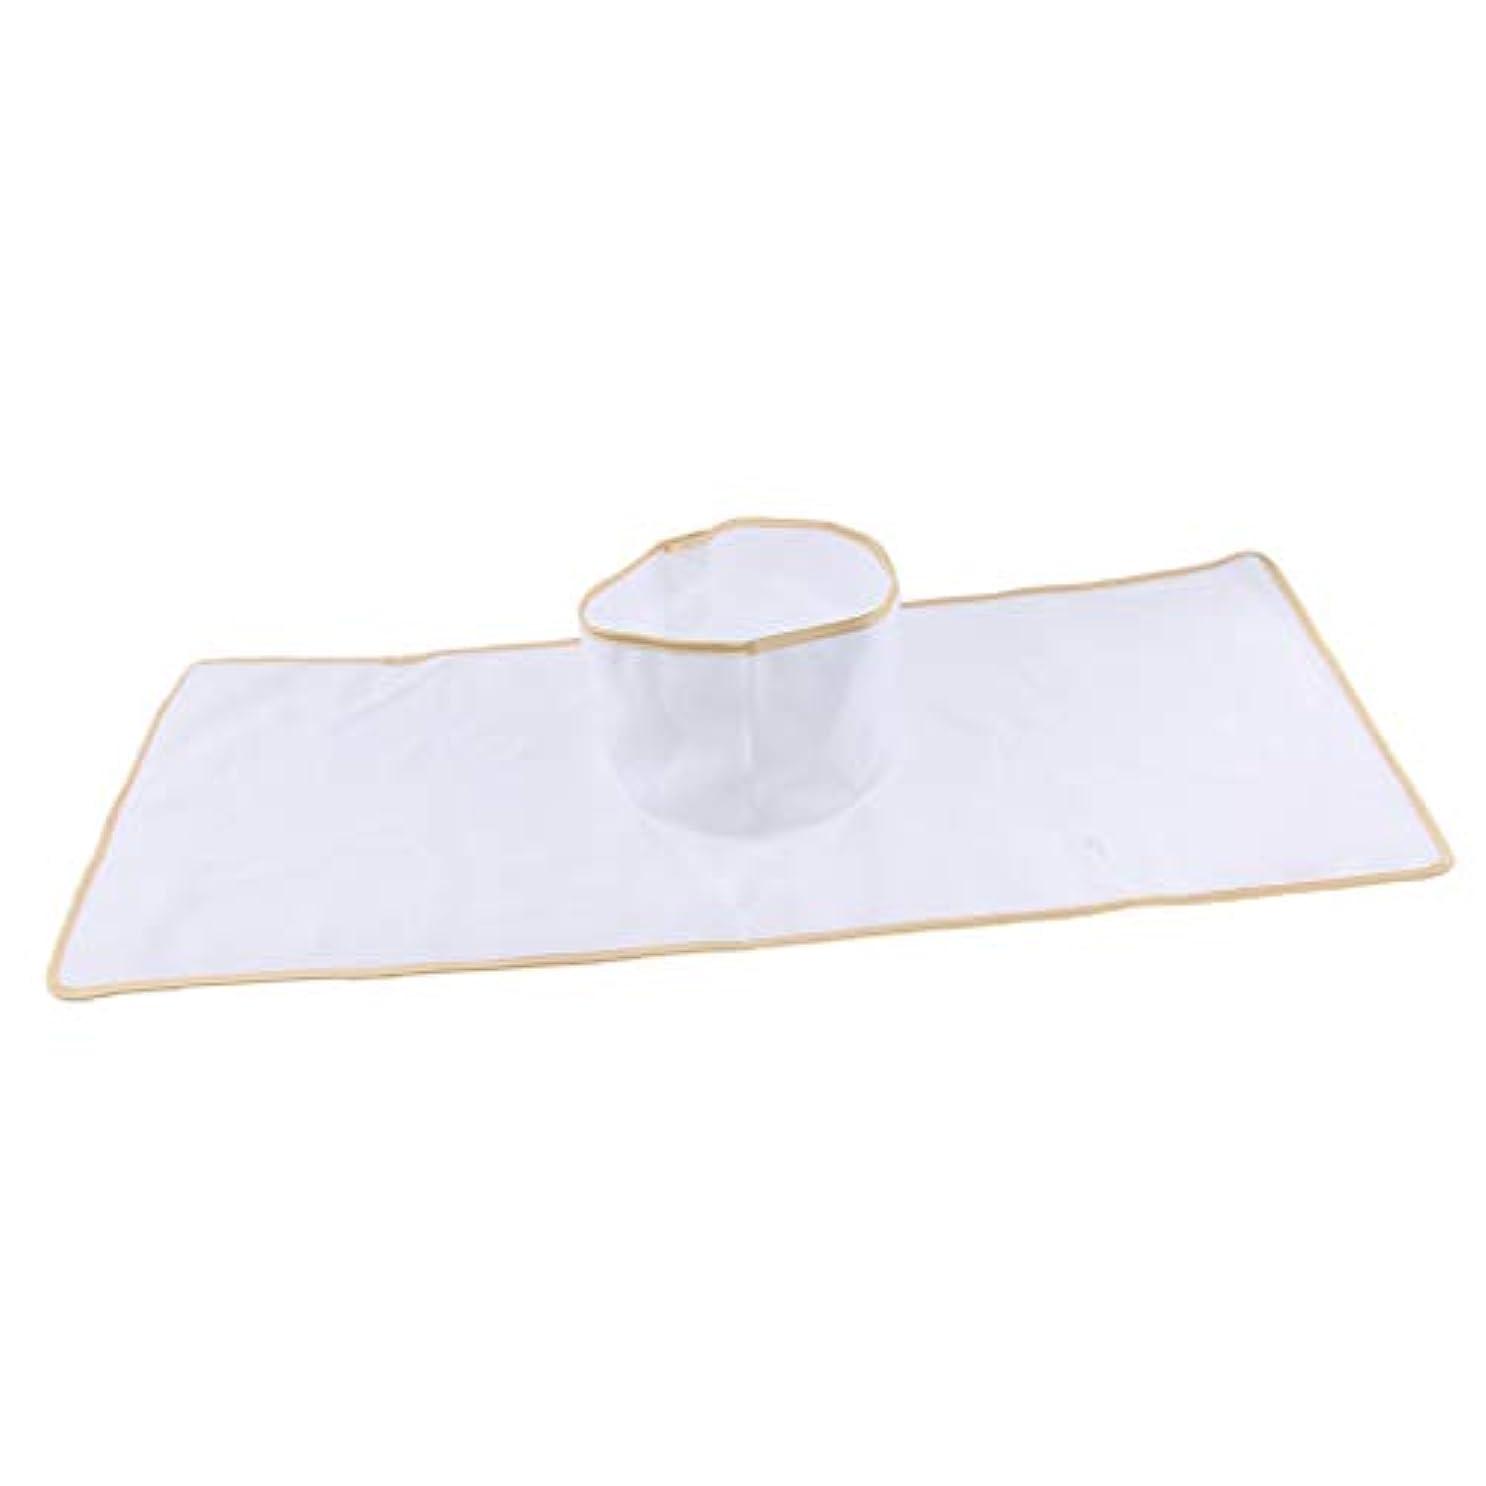 夢中ギャロップ黙認するサロン マッサージベッドシート 穴付き 衛生パッド 再使用可能 約90×35cm 全3色 - 白